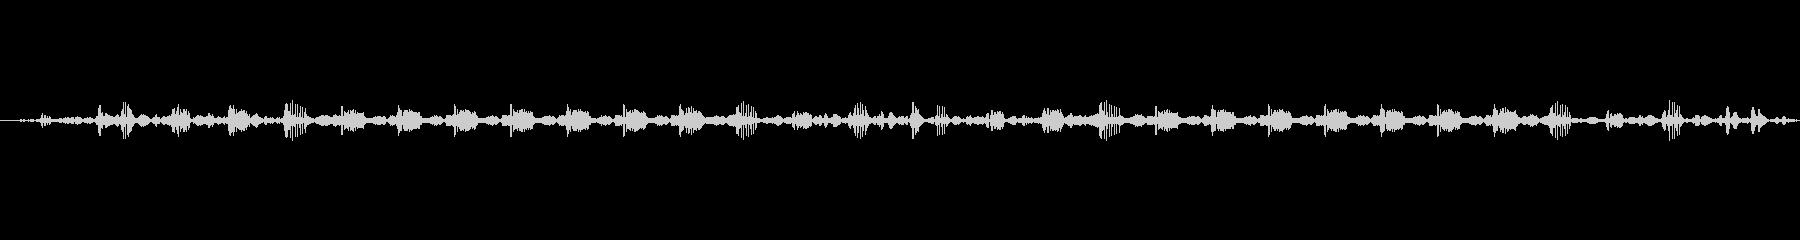 コントロールパネルノイズスペースボ...の未再生の波形